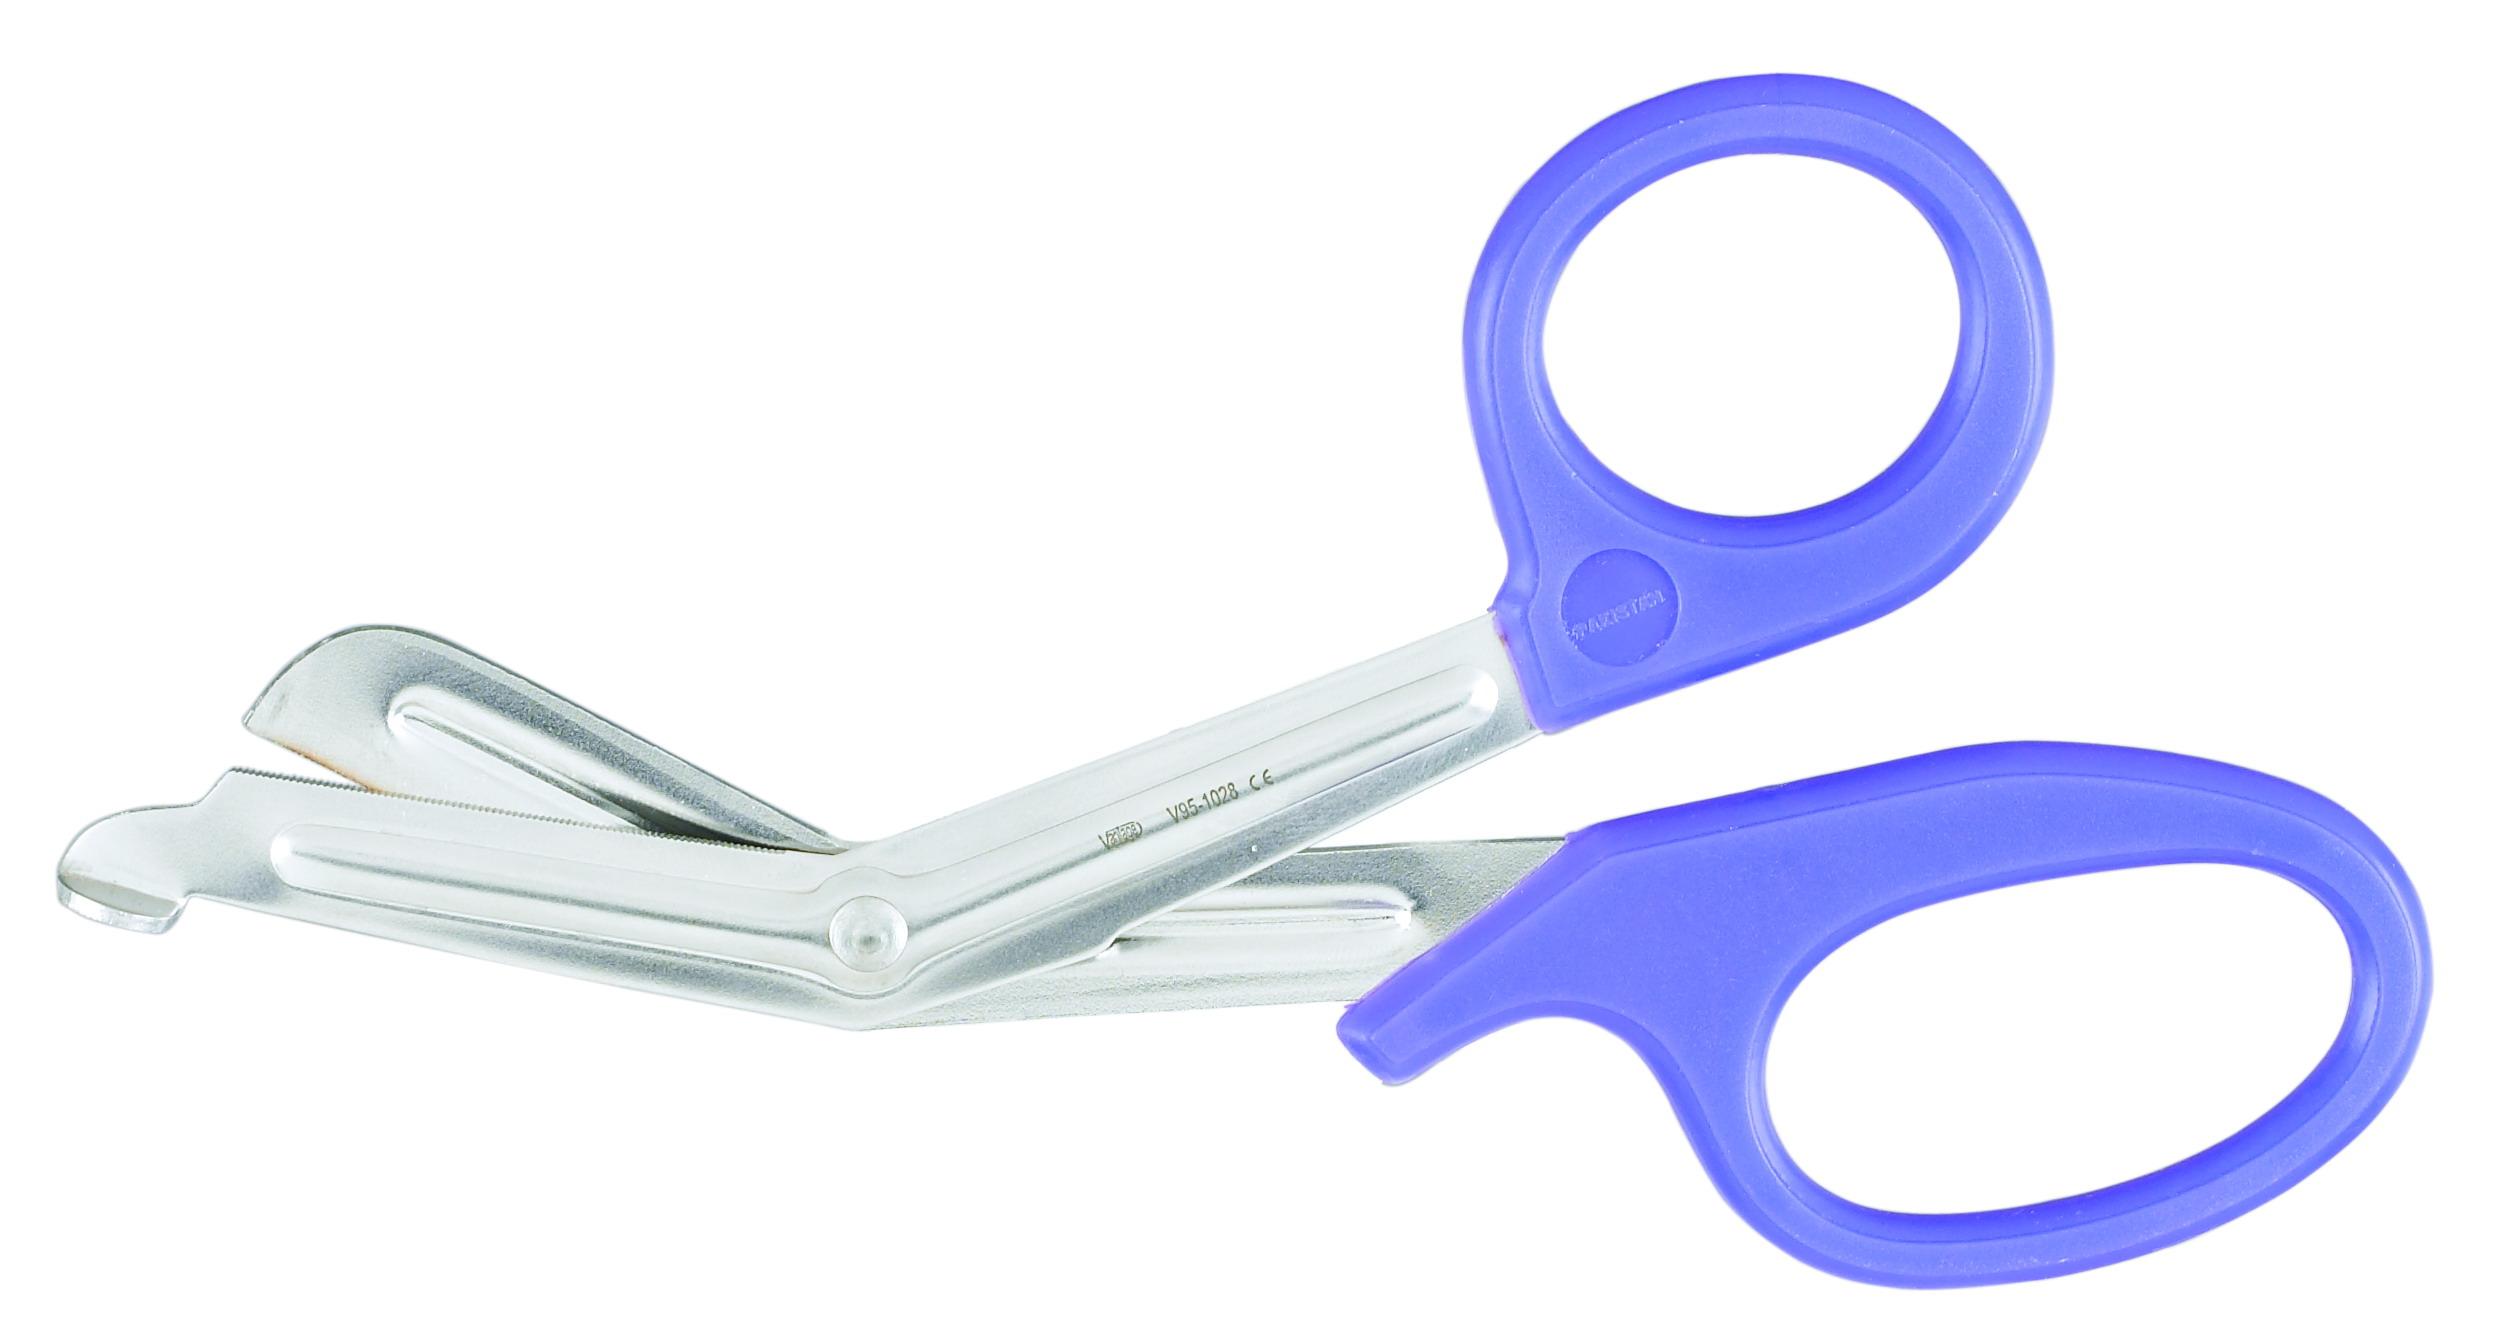 7-1-2-vantage-universal-scissors-purple-handle-v95-1028-miltex.jpg